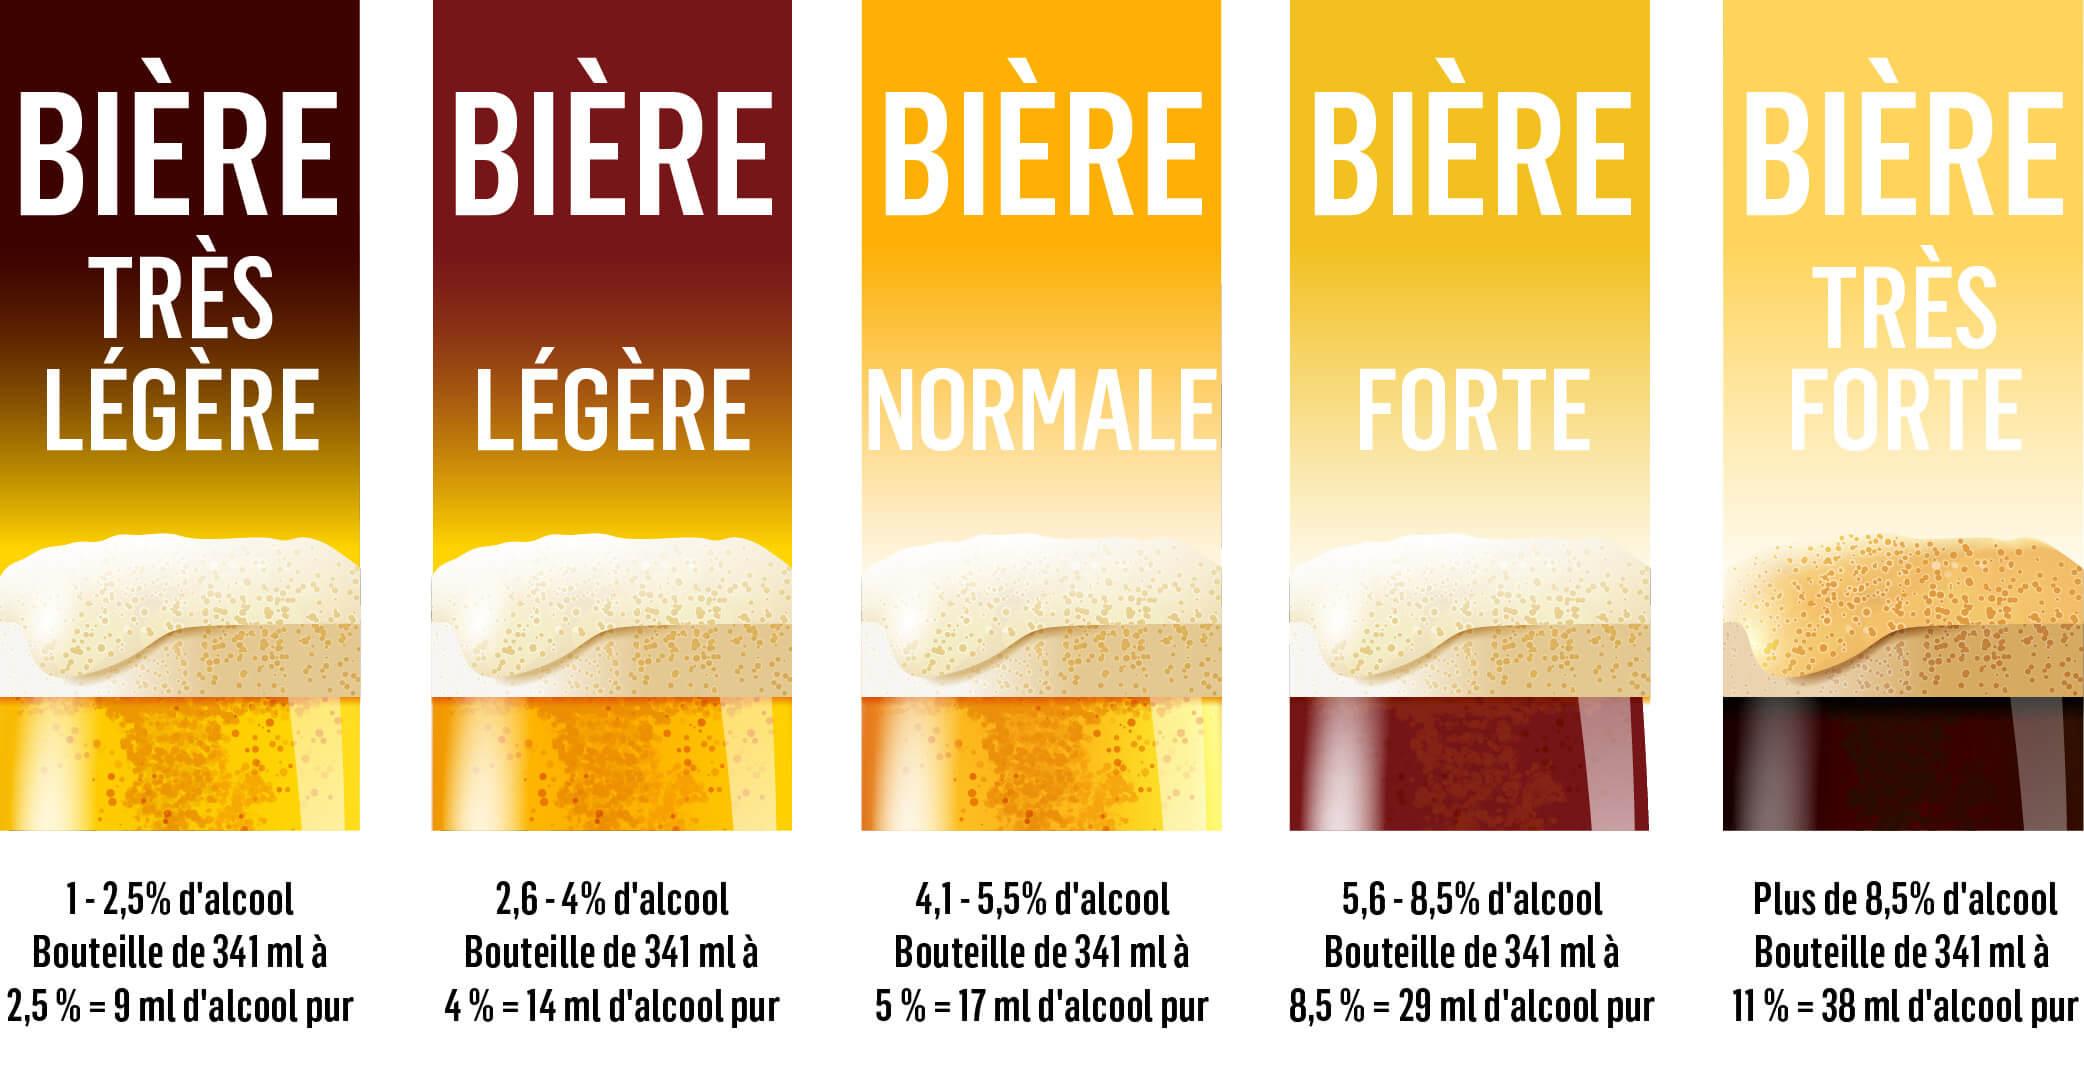 p8-20-celebrate-safe-beer-fr